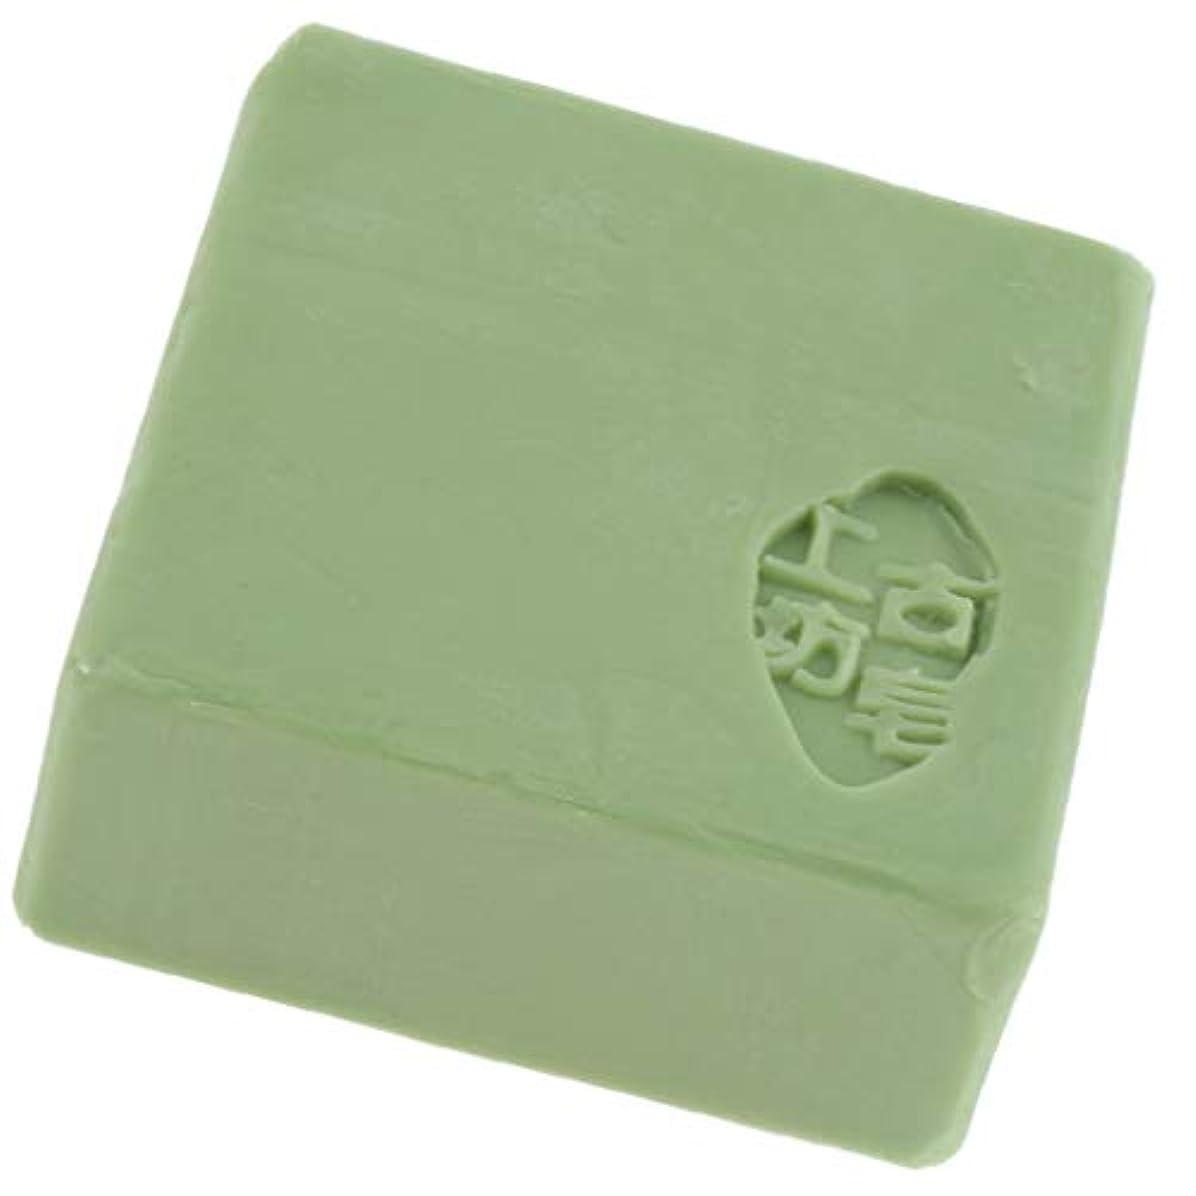 対称レビュー計画バス スキンケア フェイス ボディソープ 石鹸 保湿 好意 全3色 - 緑